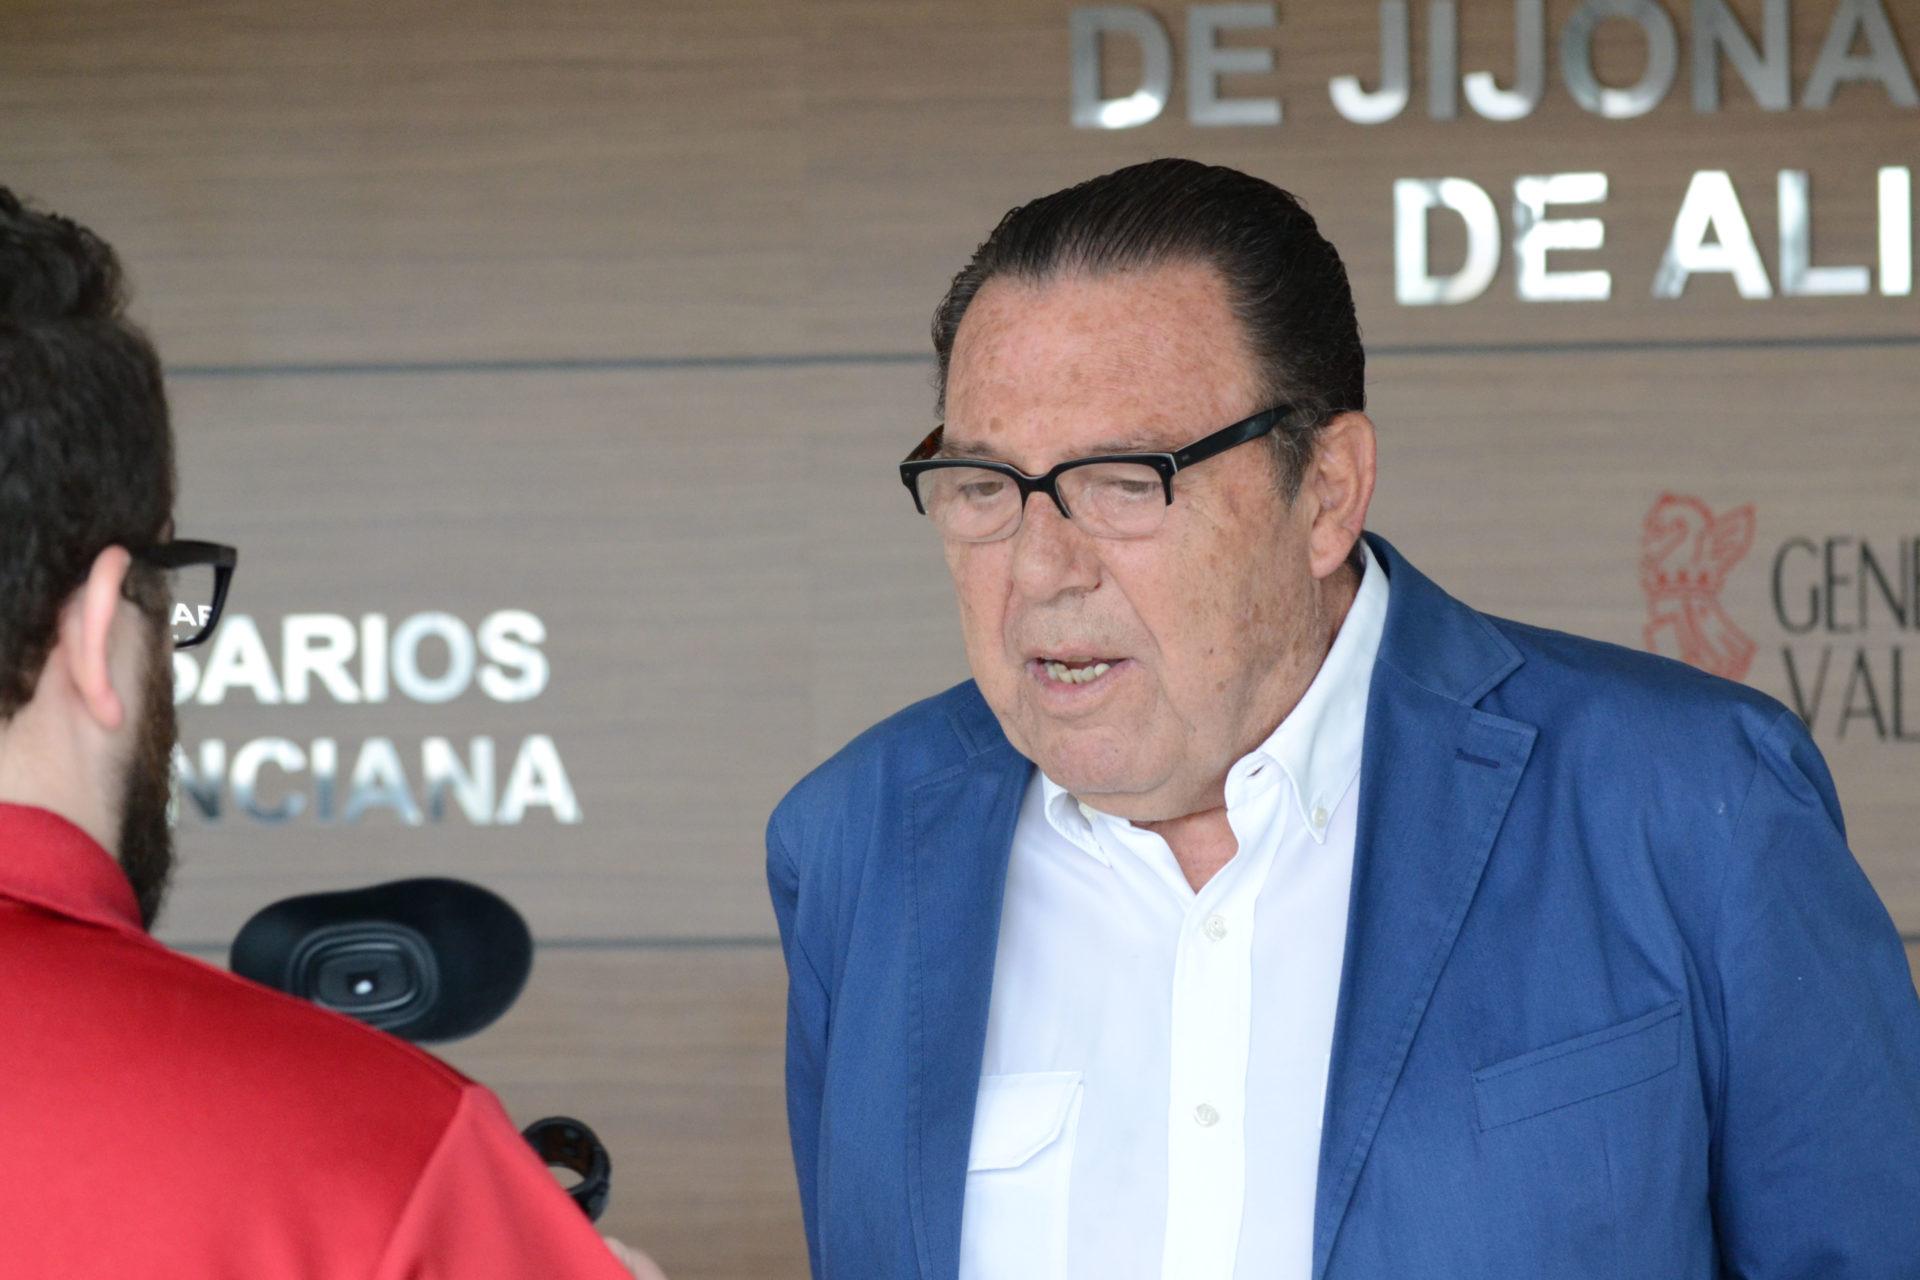 José Enrique Garrigós, prestigioso empresario turronero/ Ayuntamiento de Xixona